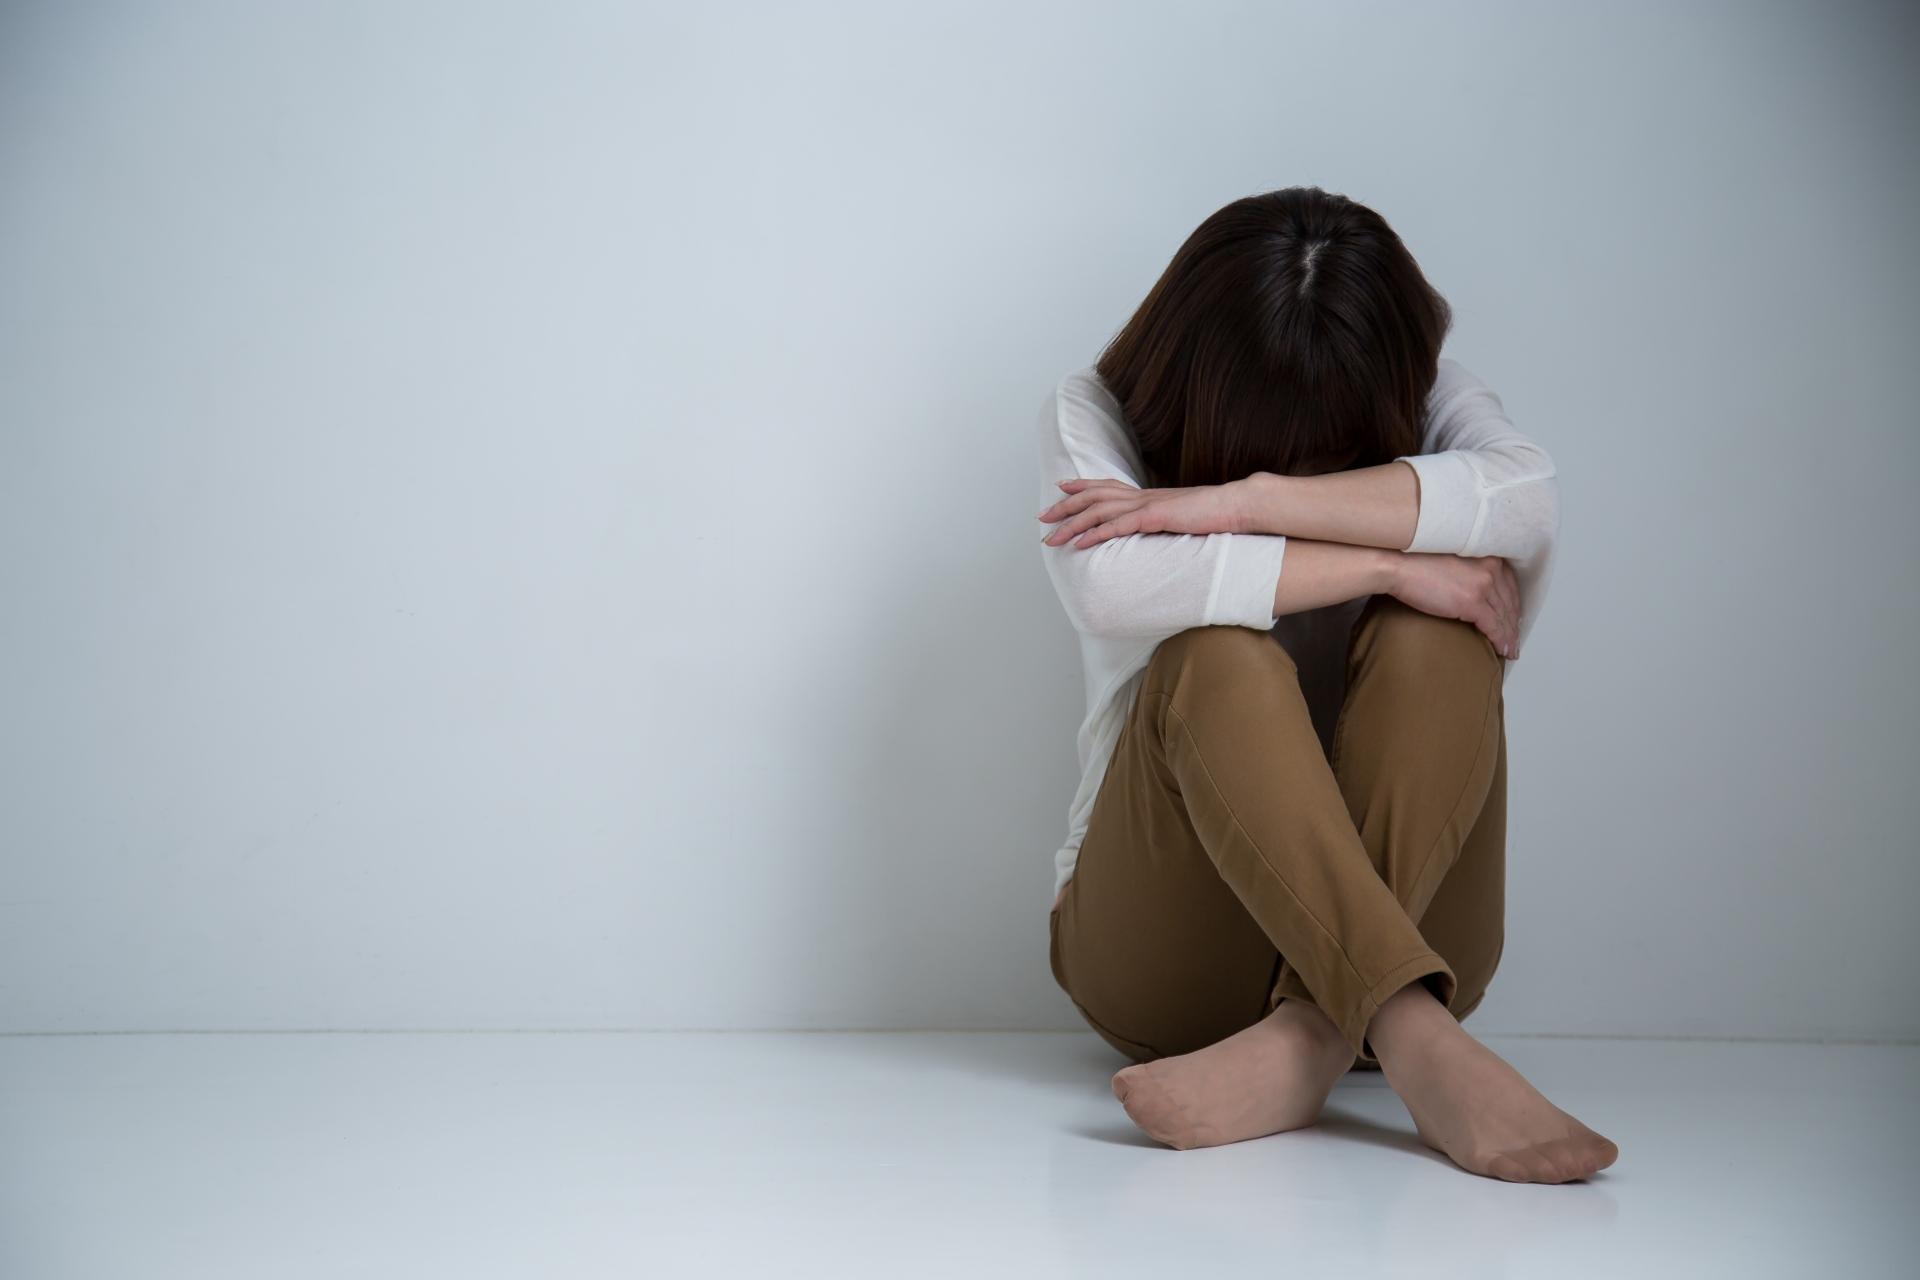 ストレスを全身に感じる女性